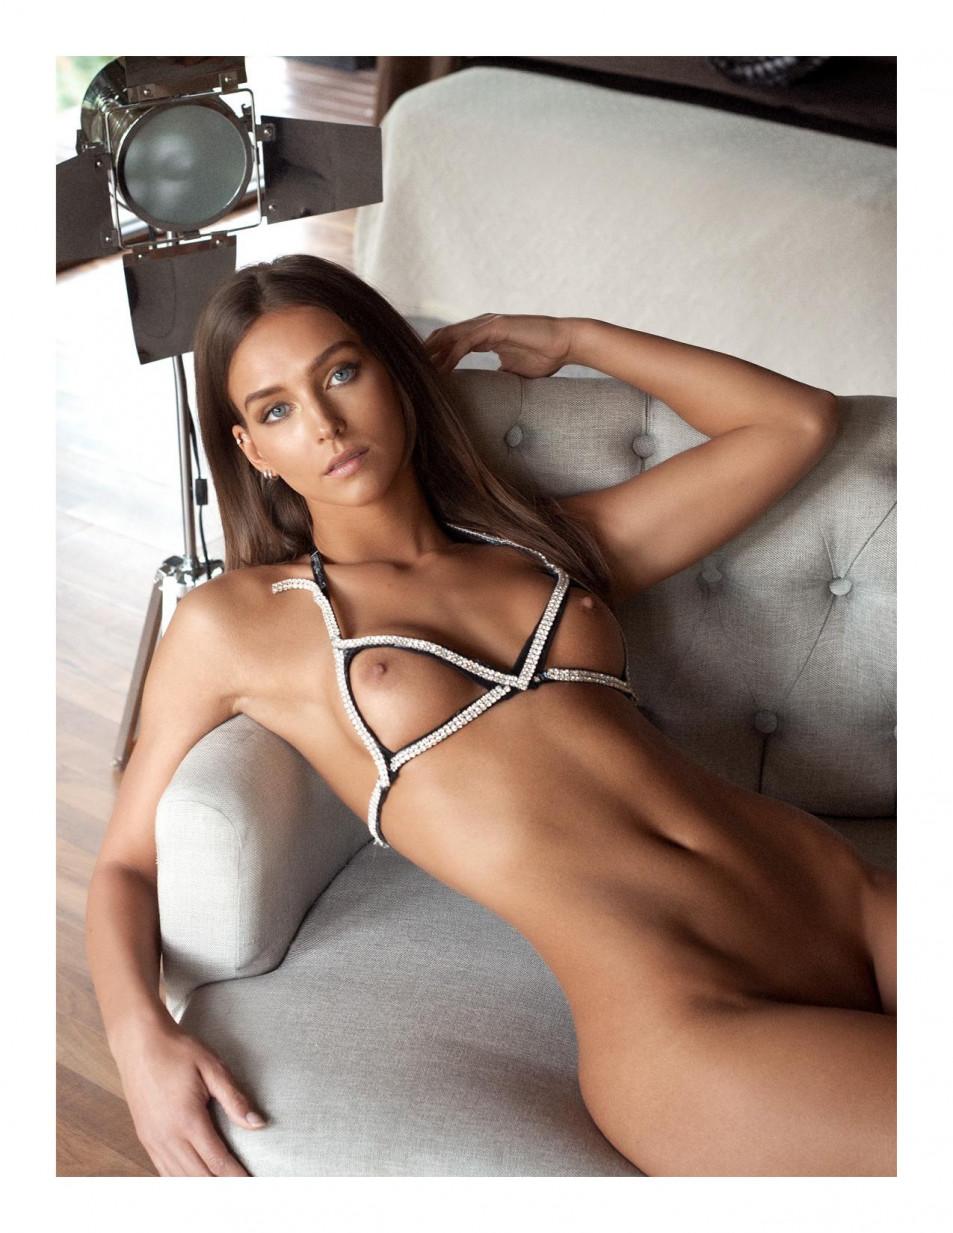 50-Stunning-Rachel-Cook-Nude-Pictures-19.jpg